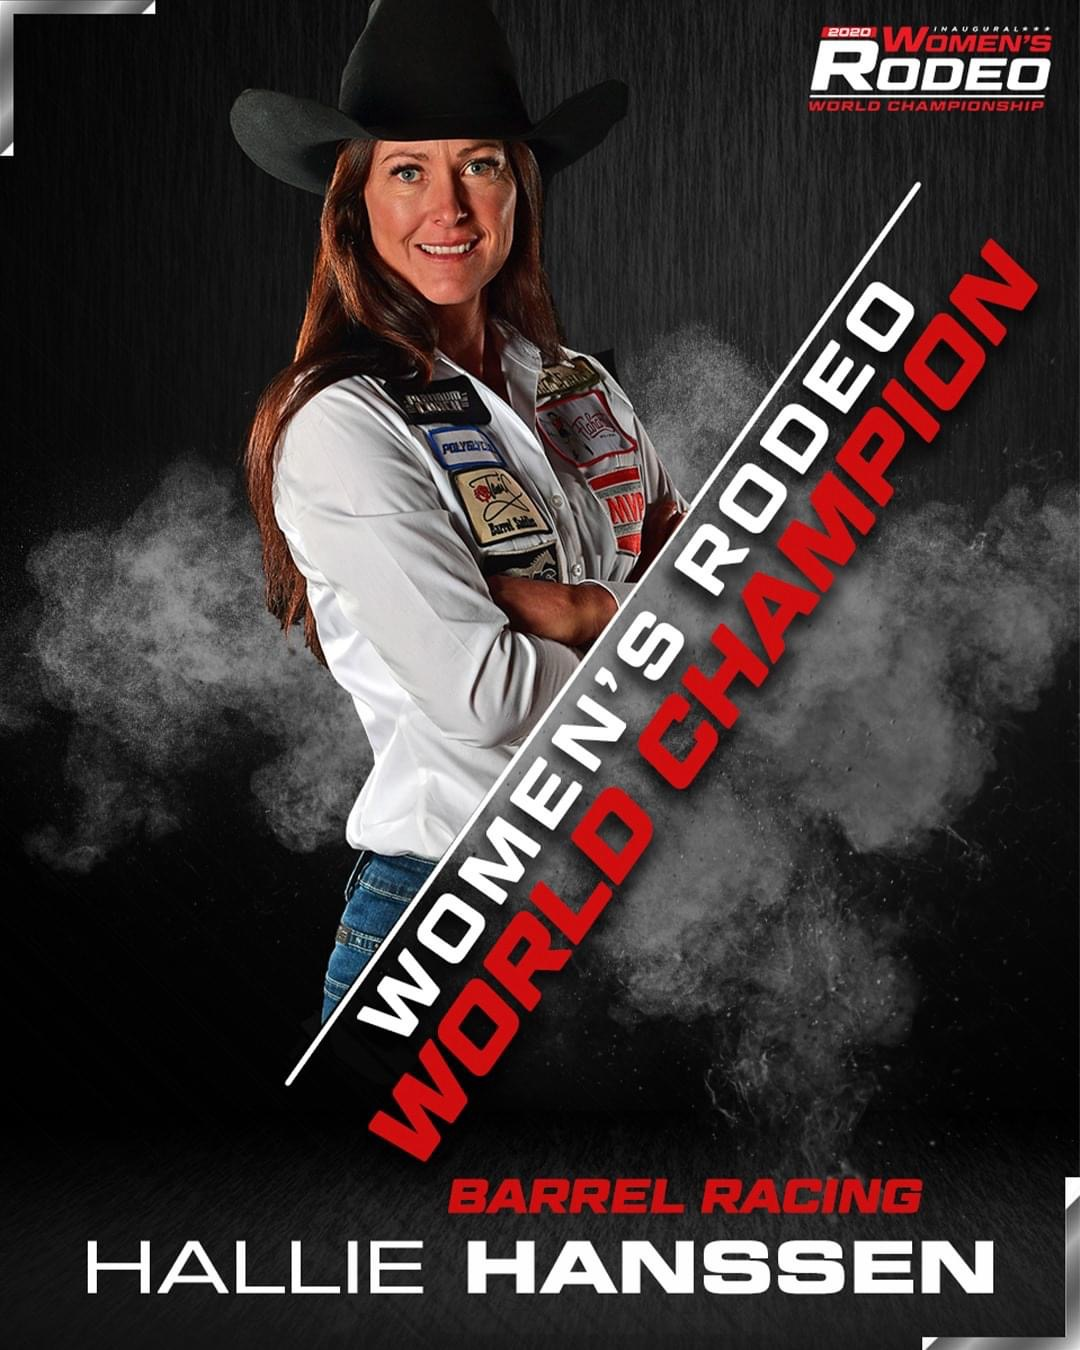 Hallie Hanssen Rodeo World Champion